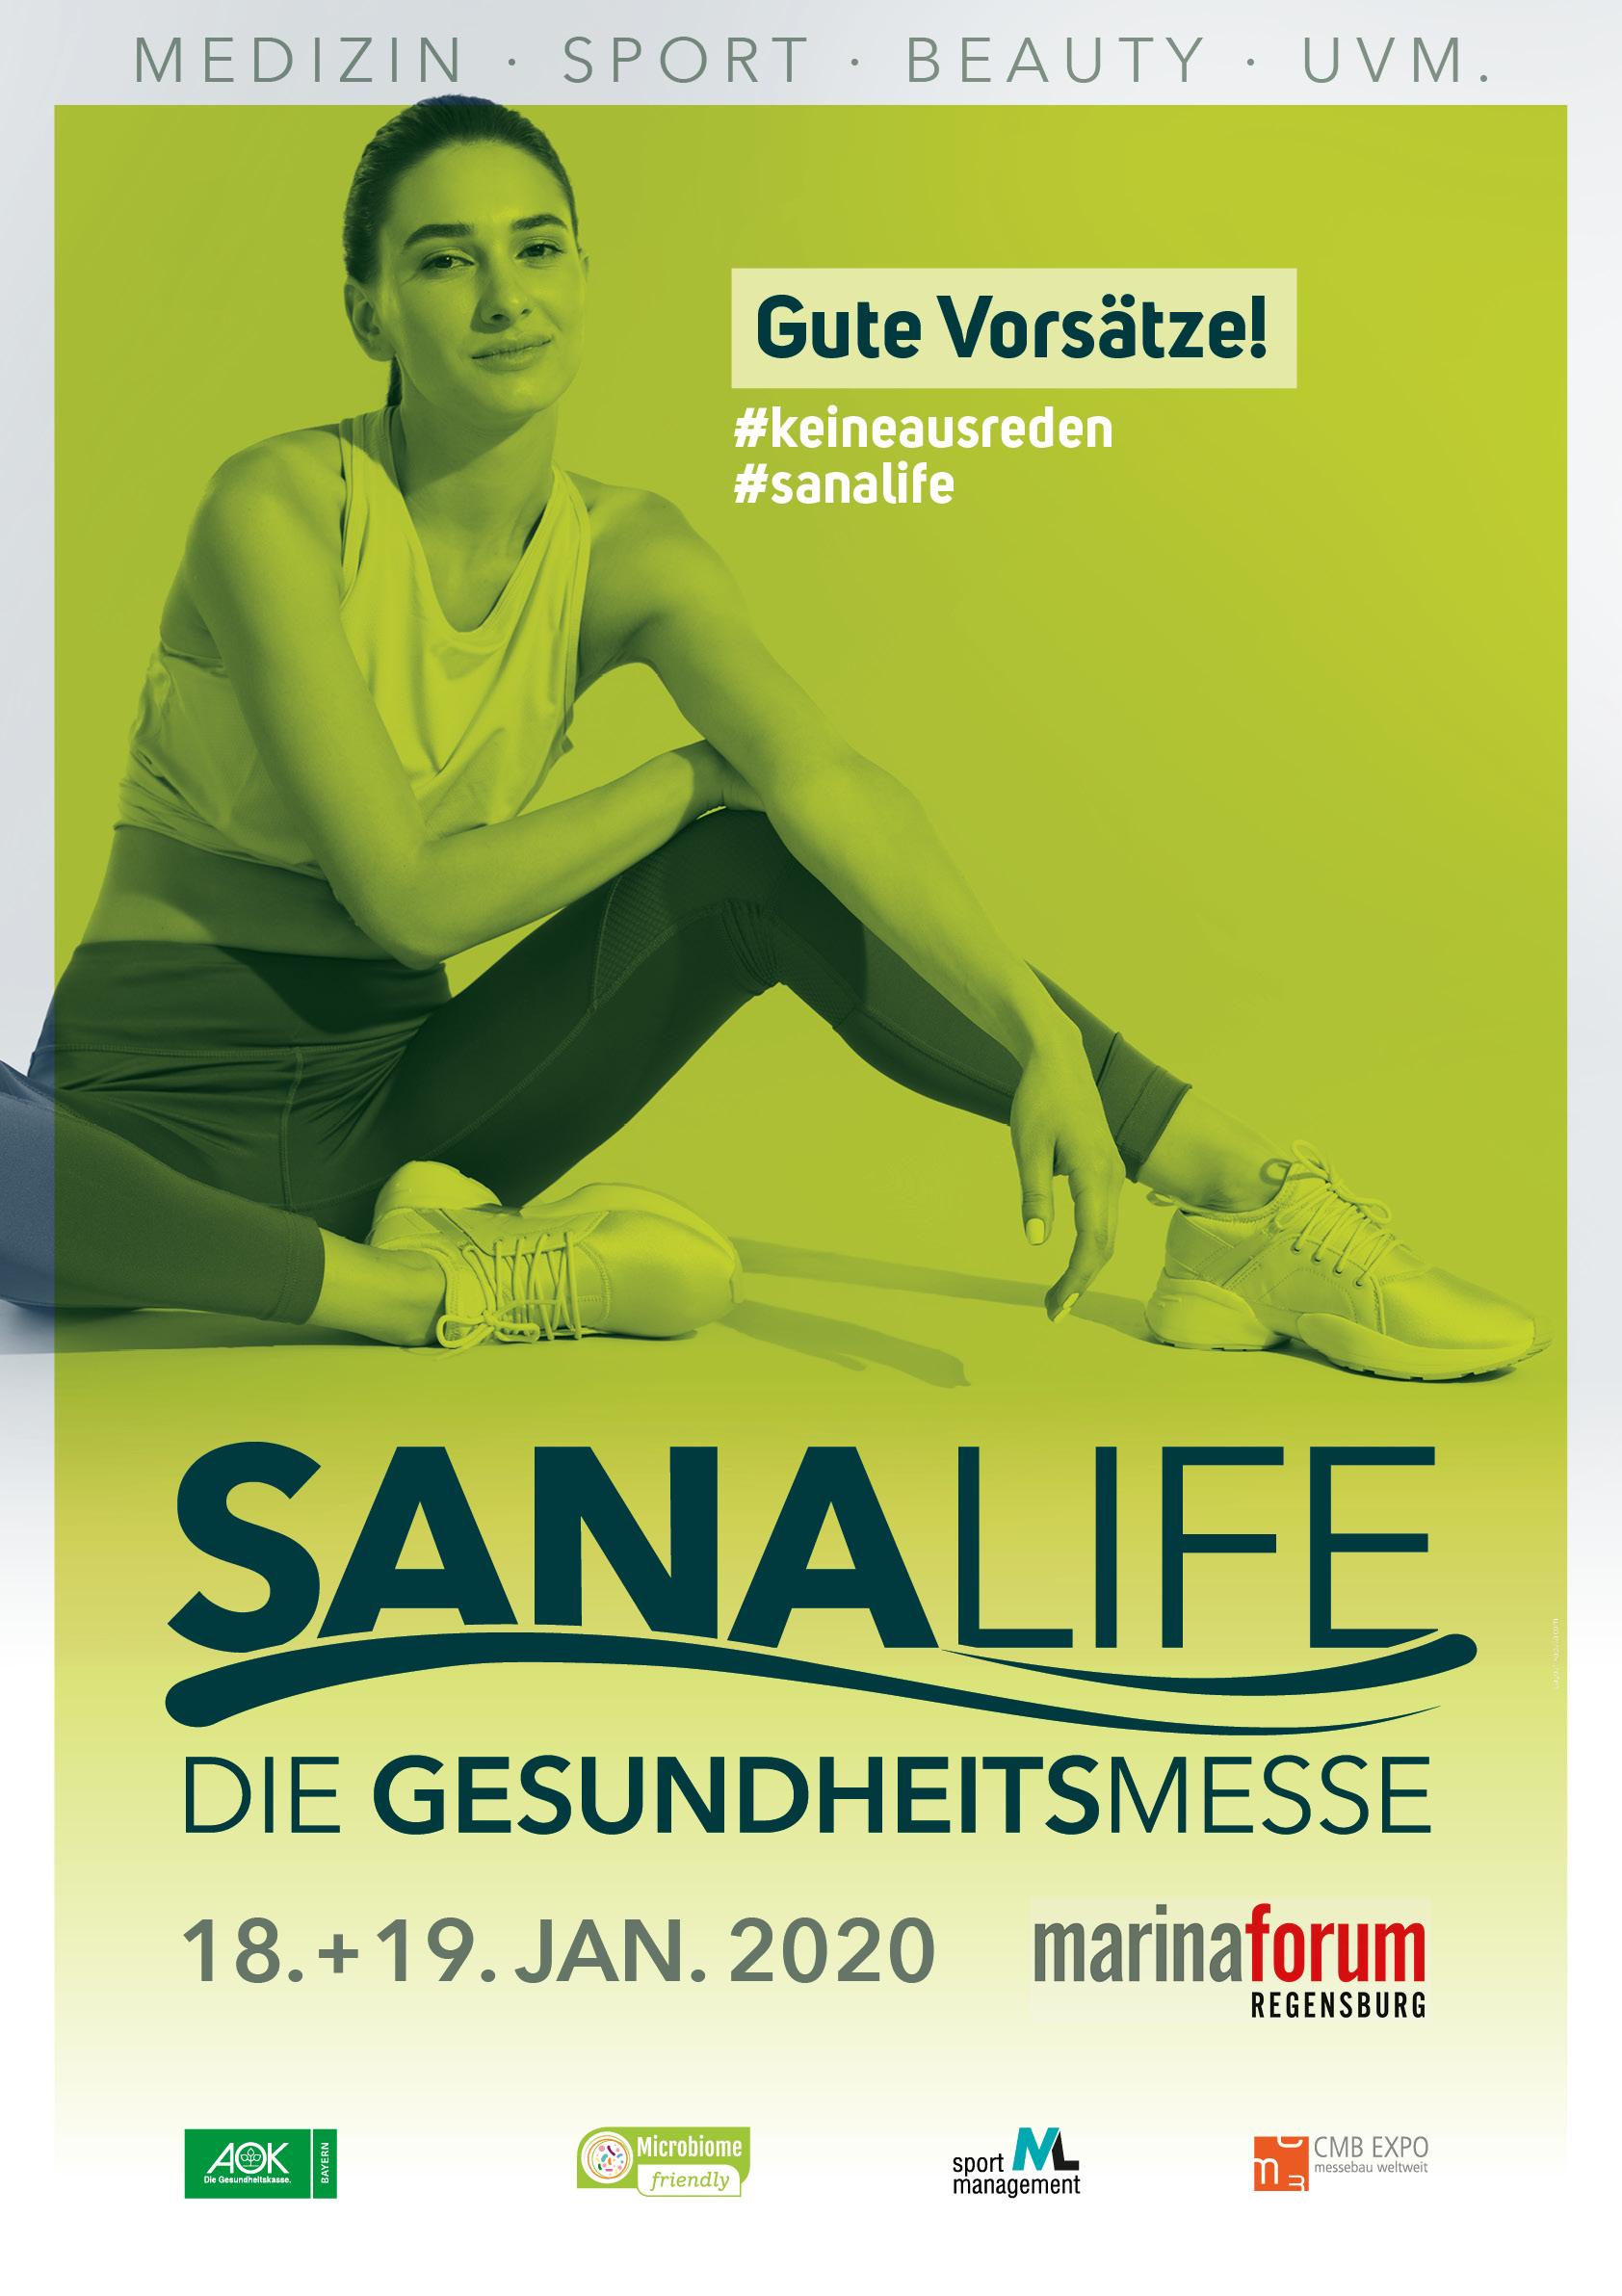 ML-sportmanagement unterstützt Regensburger Gesundheitsmesse SANALIFE 2020